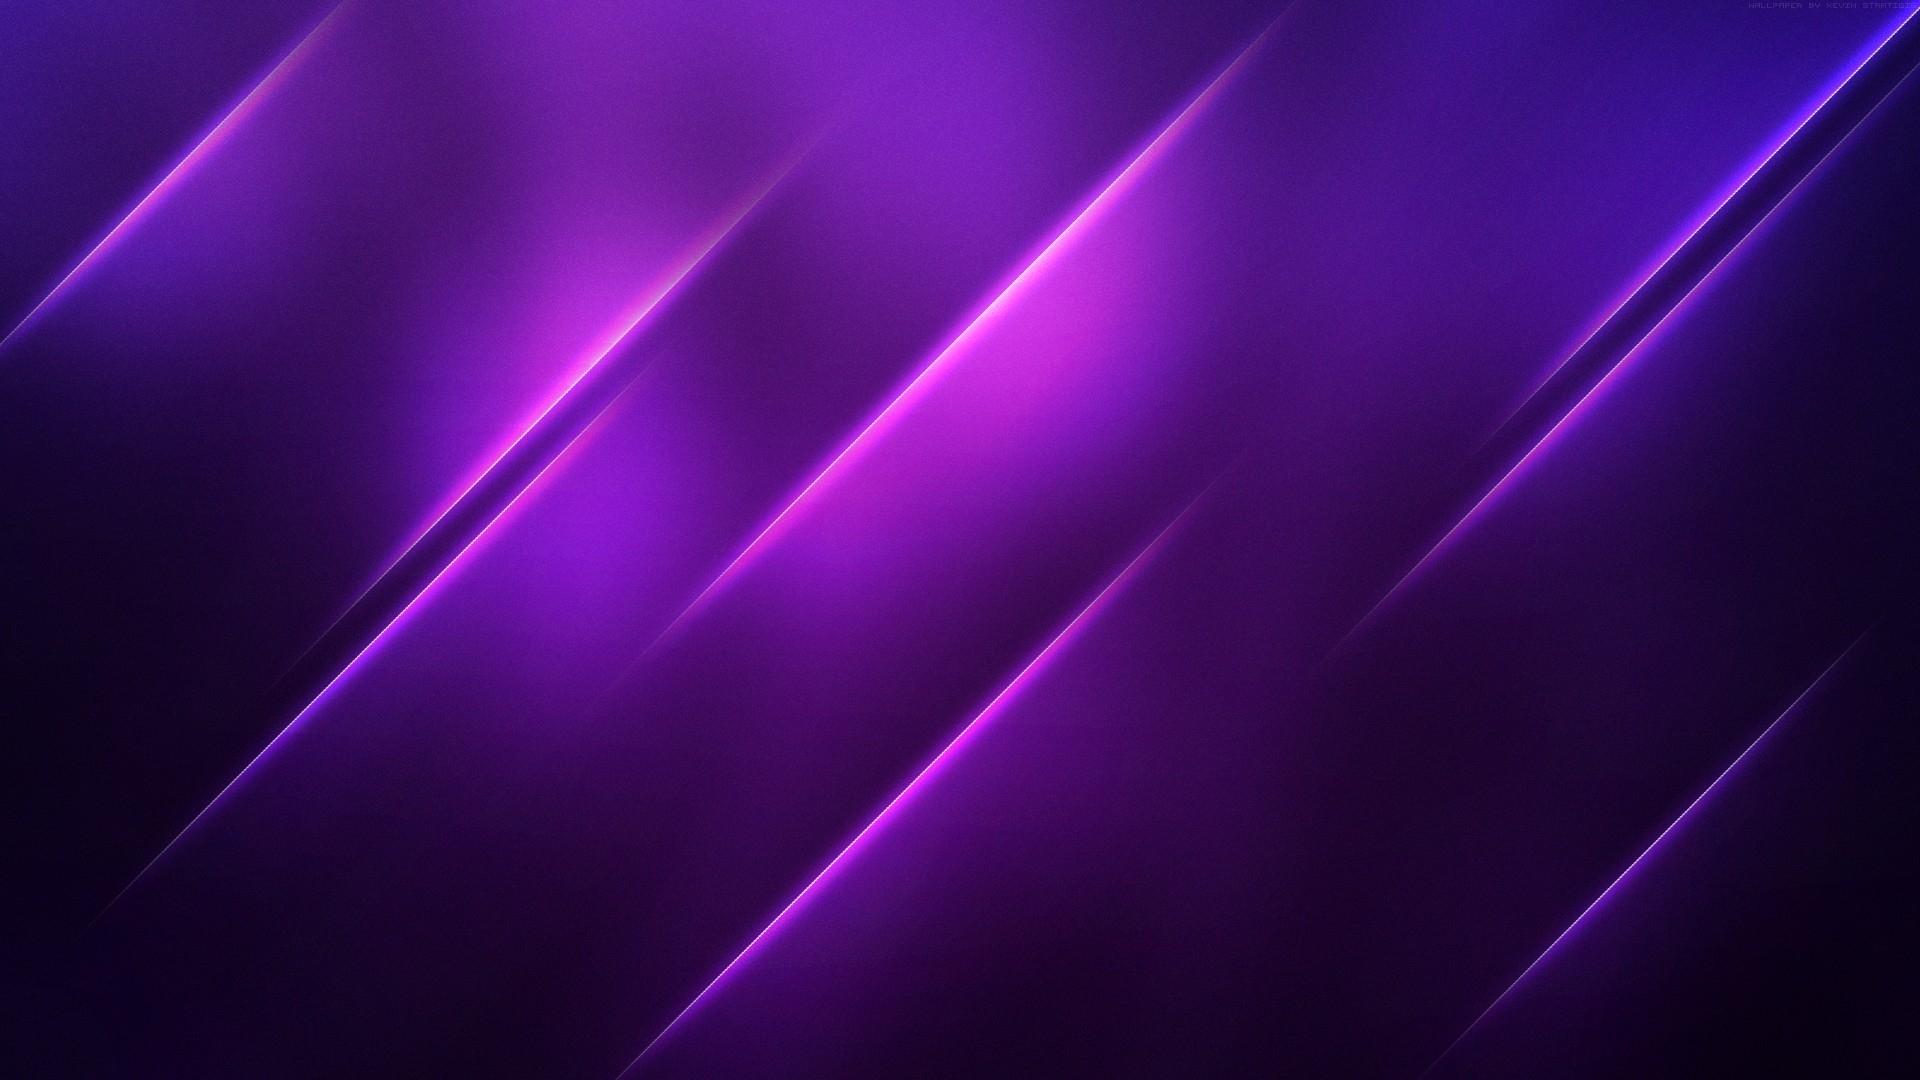 Solid Desktop Backgrounds